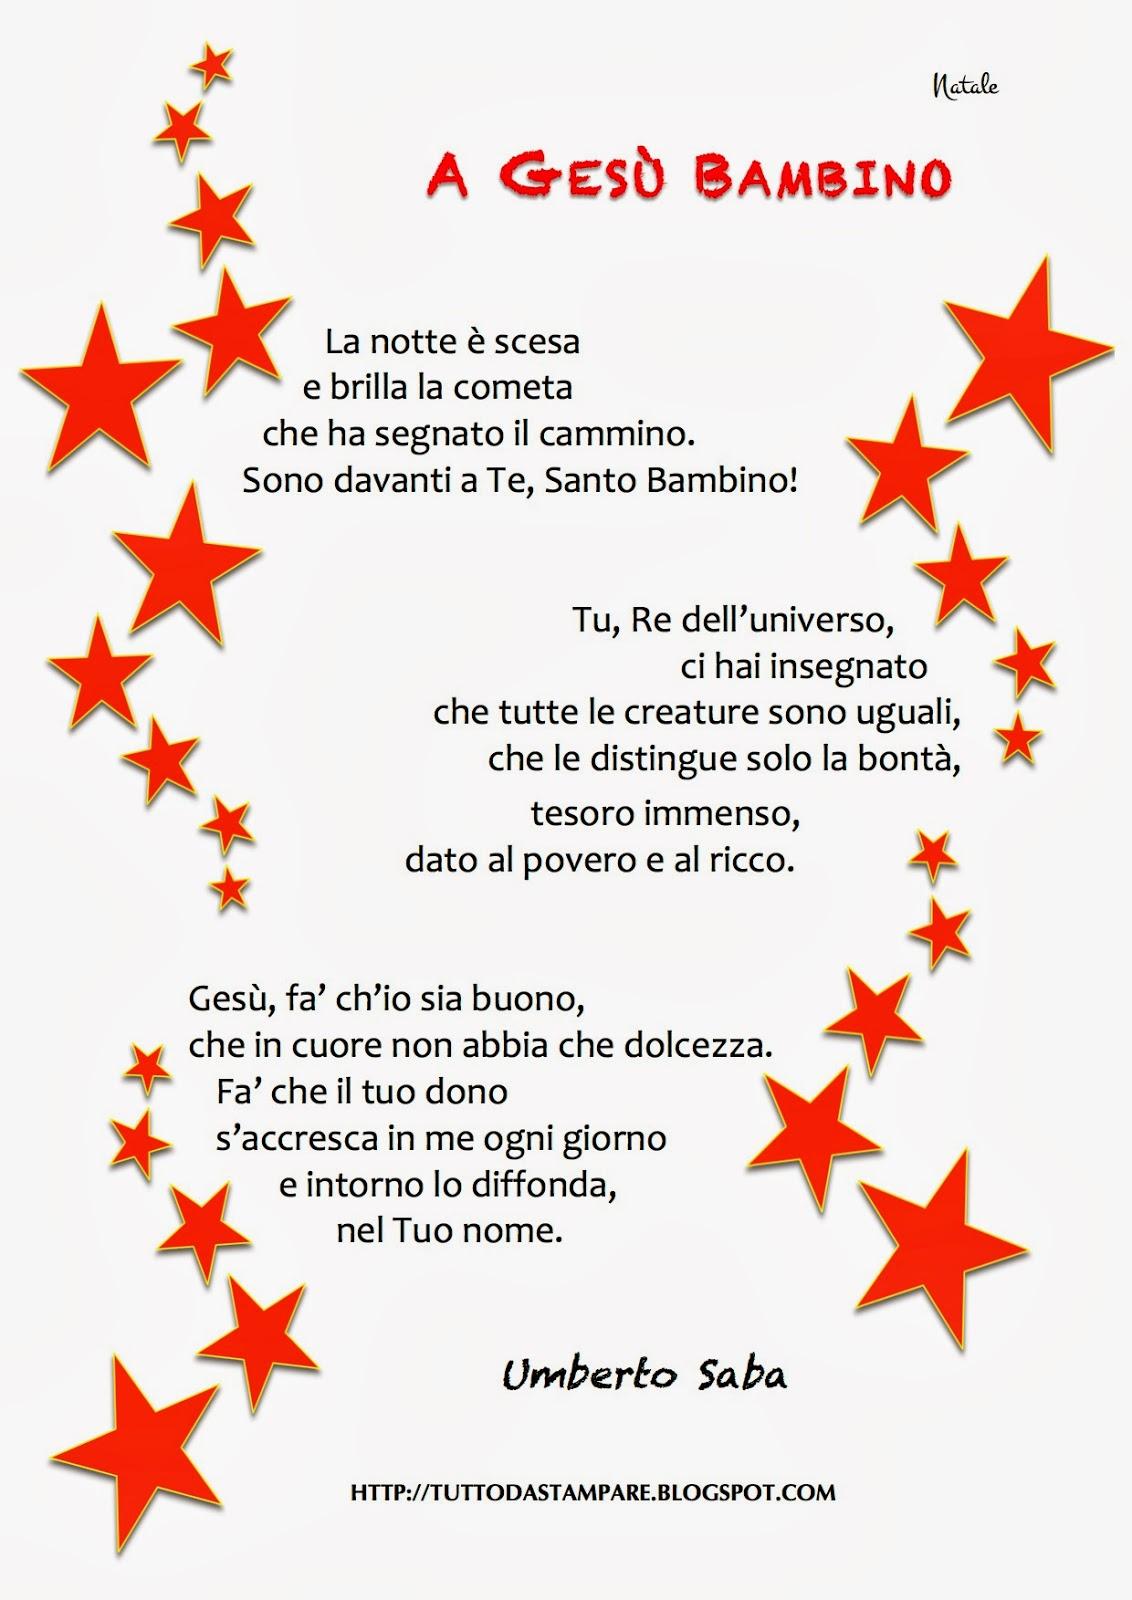 Poesie Di Natale Per Bambini Da Stampare.Poesie Di Natale A Gesu Bambino Di U Saba Tutto Da Stampare